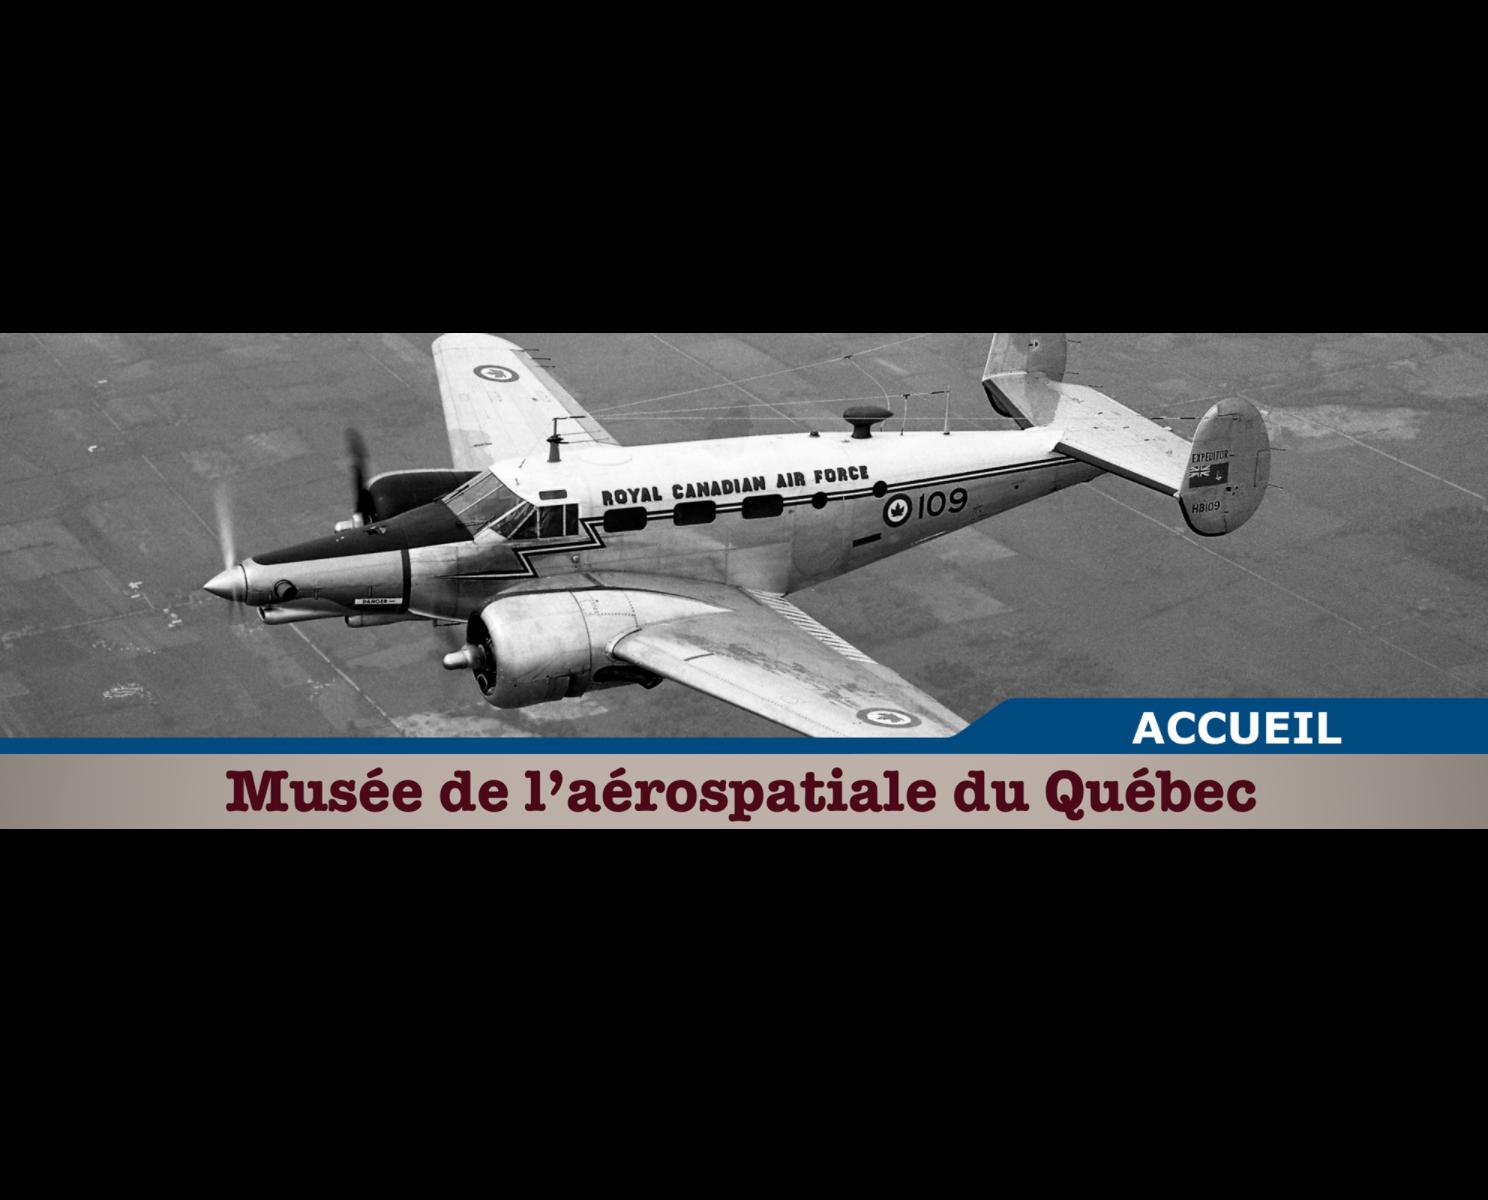 Musée de l'aérospatiale du Québec